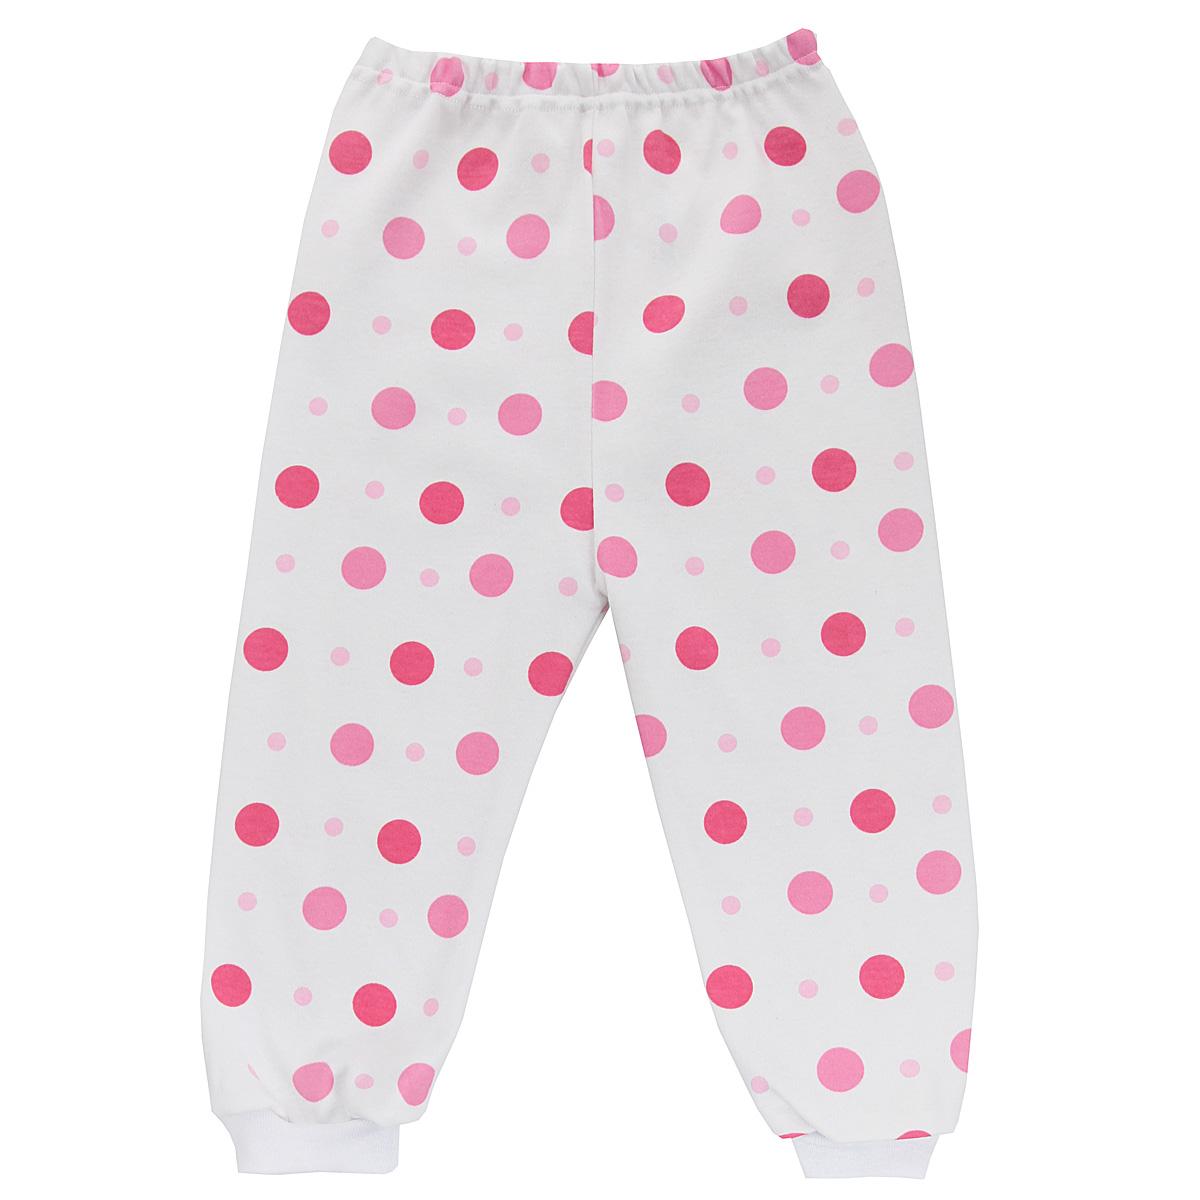 Штанишки5315_горохУдобные штанишки Трон-плюс идеально подойдут вашему ребенку и станут отличным дополнением к детскому гардеробу. Изготовленные из натурального хлопка, они необычайно мягкие и легкие, не сковывают движения, позволяют коже дышать и не раздражают даже самую нежную и чувствительную кожу ребенка. Штанишки на талии имеют эластичную резинку, благодаря чему они не сдавливают животик ребенка и не сползают. Низ штанишек дополнен широкими эластичными манжетами. Оформлена модель гороховым принтом. В таких штанишках ваш ребенок будет чувствовать себя комфортно и уютно.